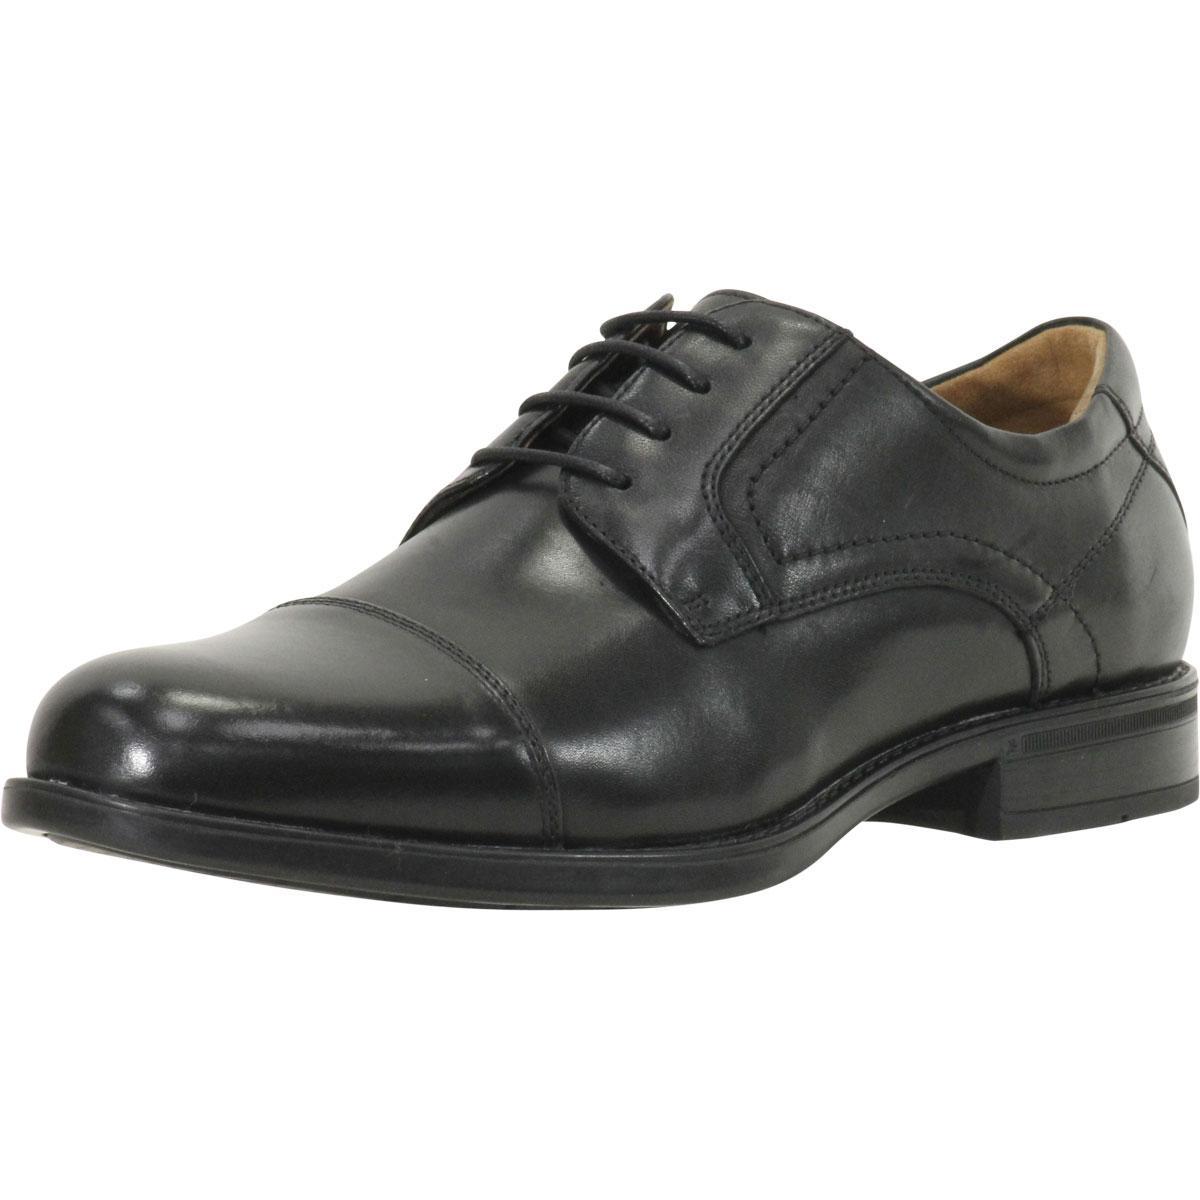 Image of Florsheim Comfortech Men's Midtown Cap Toe Oxfords Shoes - Black - 9.5 D(M) US